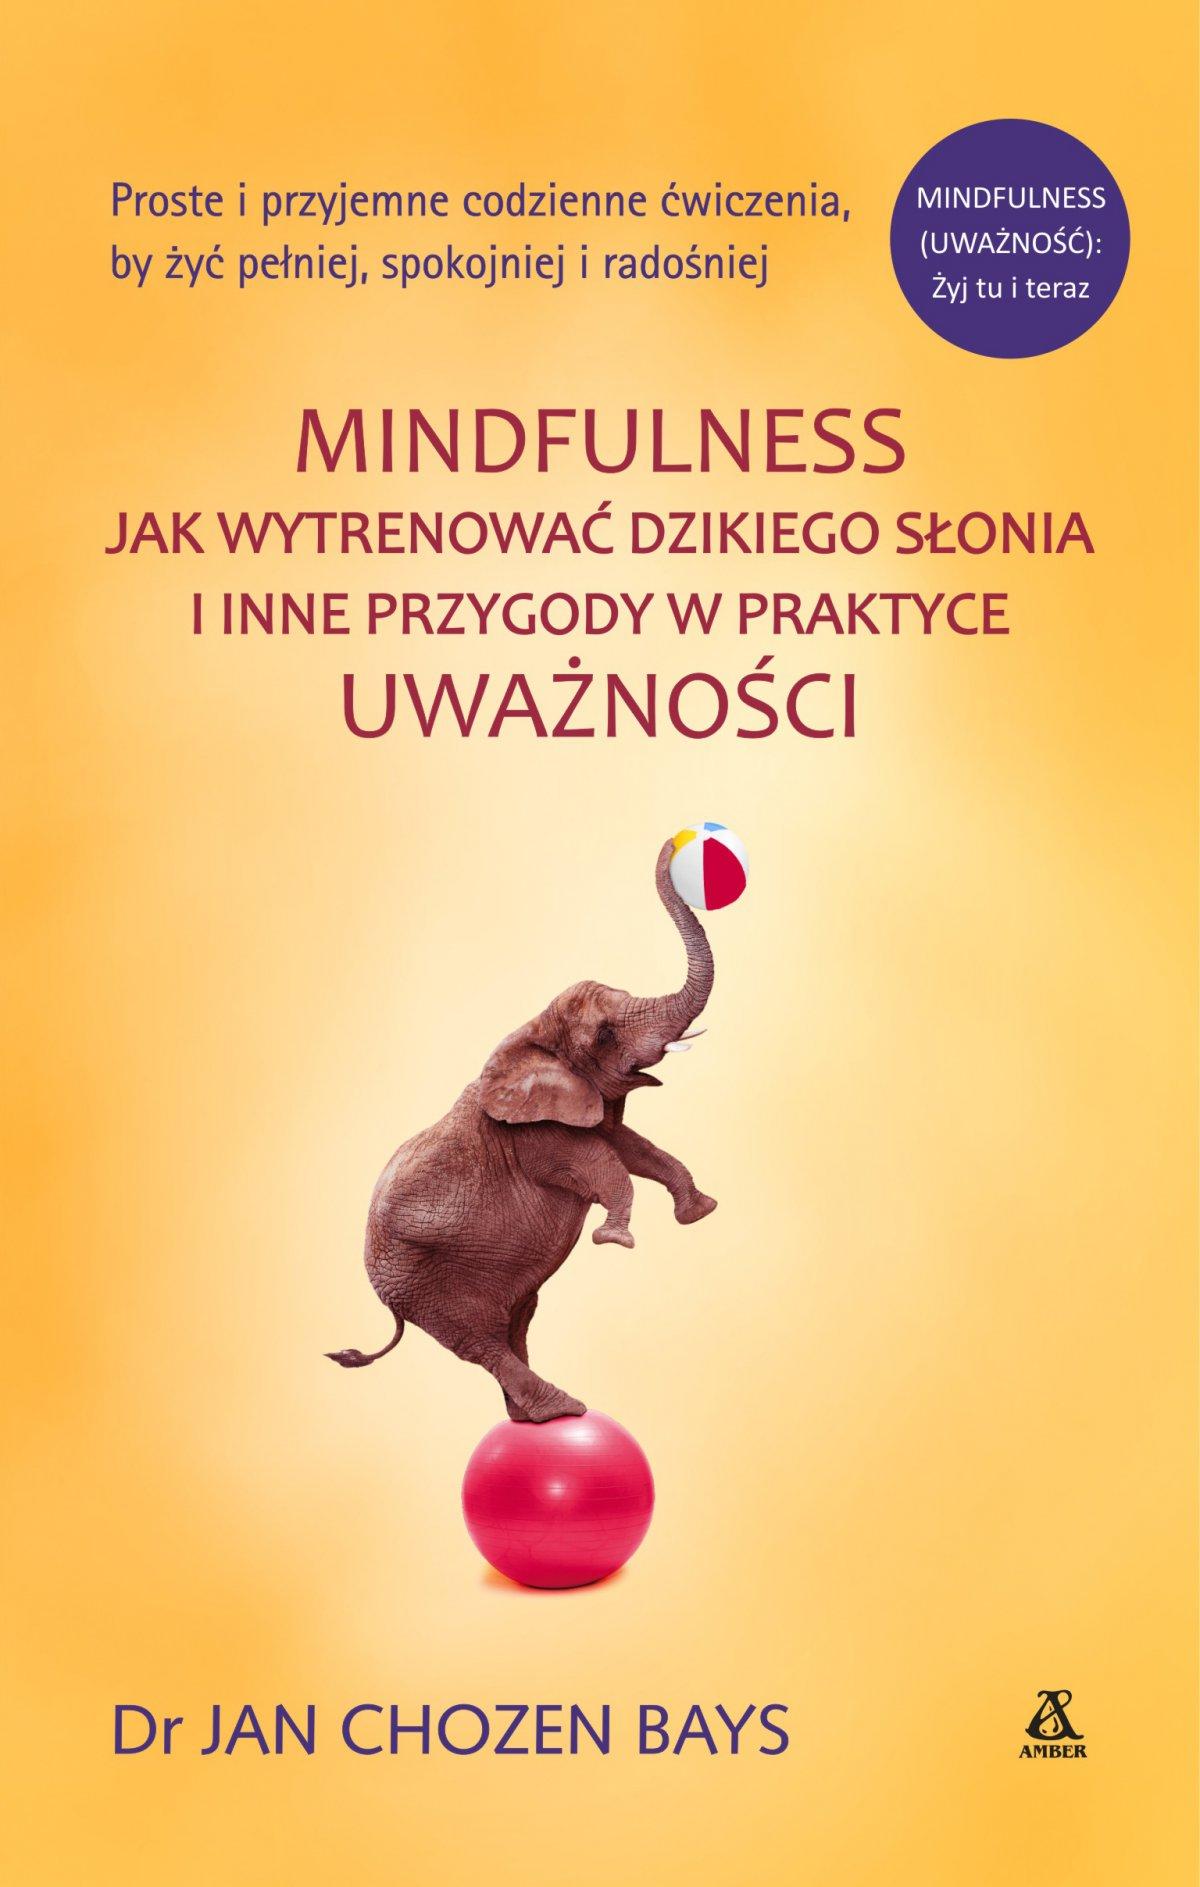 Mindfulness: Jak wytrenować dzikiego słonia - Ebook (Książka EPUB) do pobrania w formacie EPUB